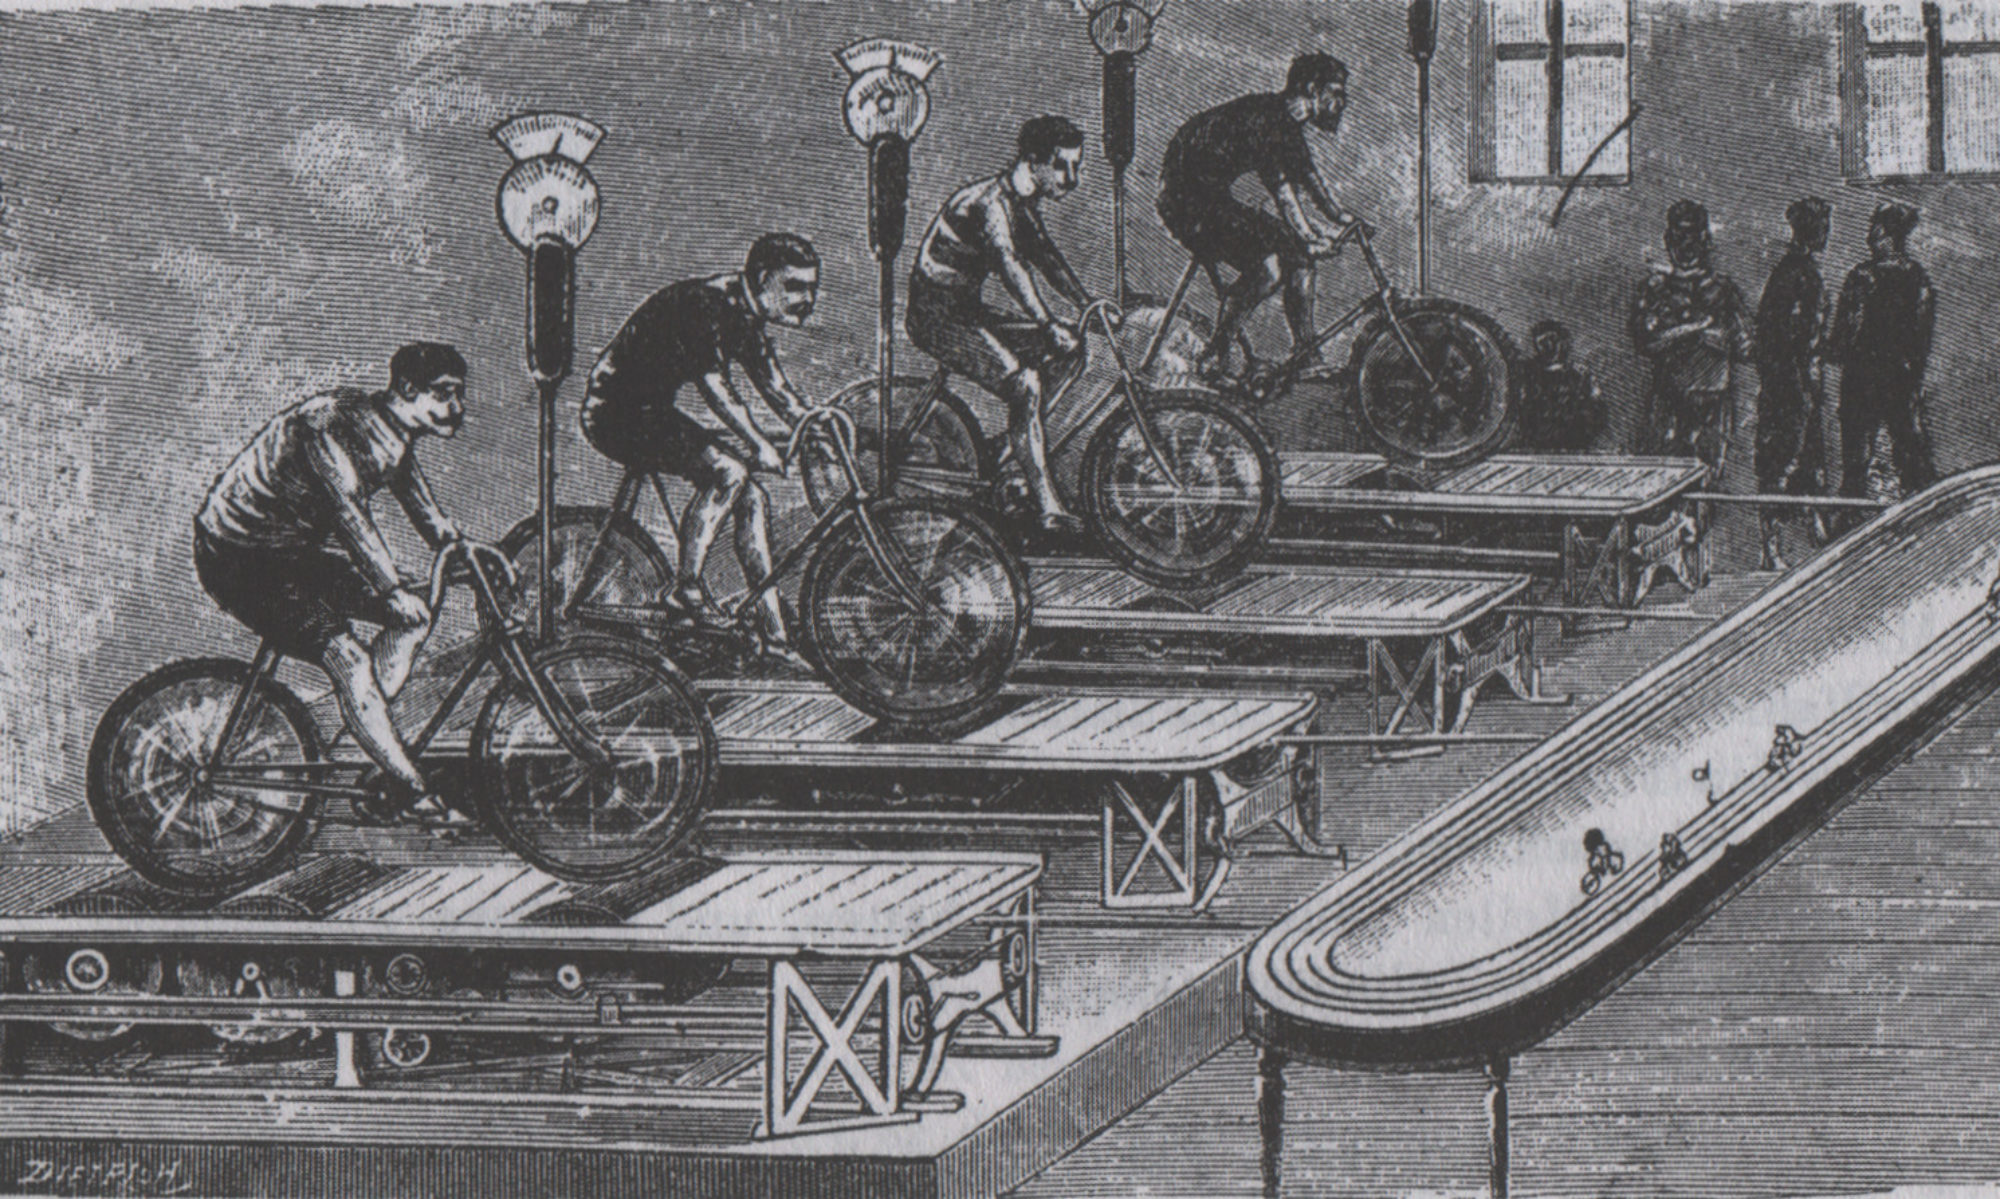 netzwerk fahrrad/geschichte